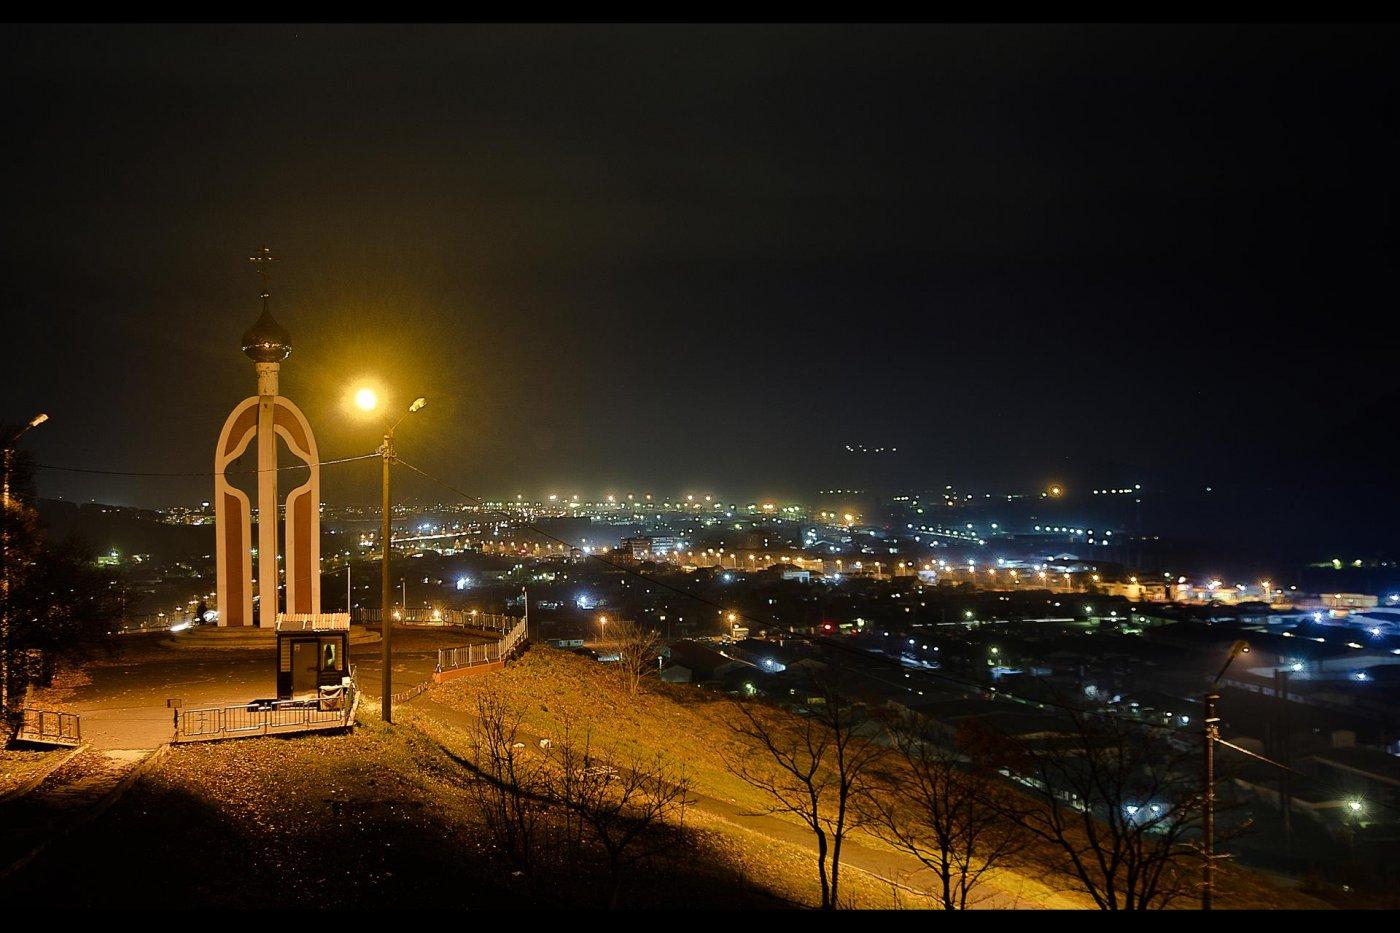 Фото 8552 (Copy).jpg. Россия, Приморский край, город Находка, Unnamed Road